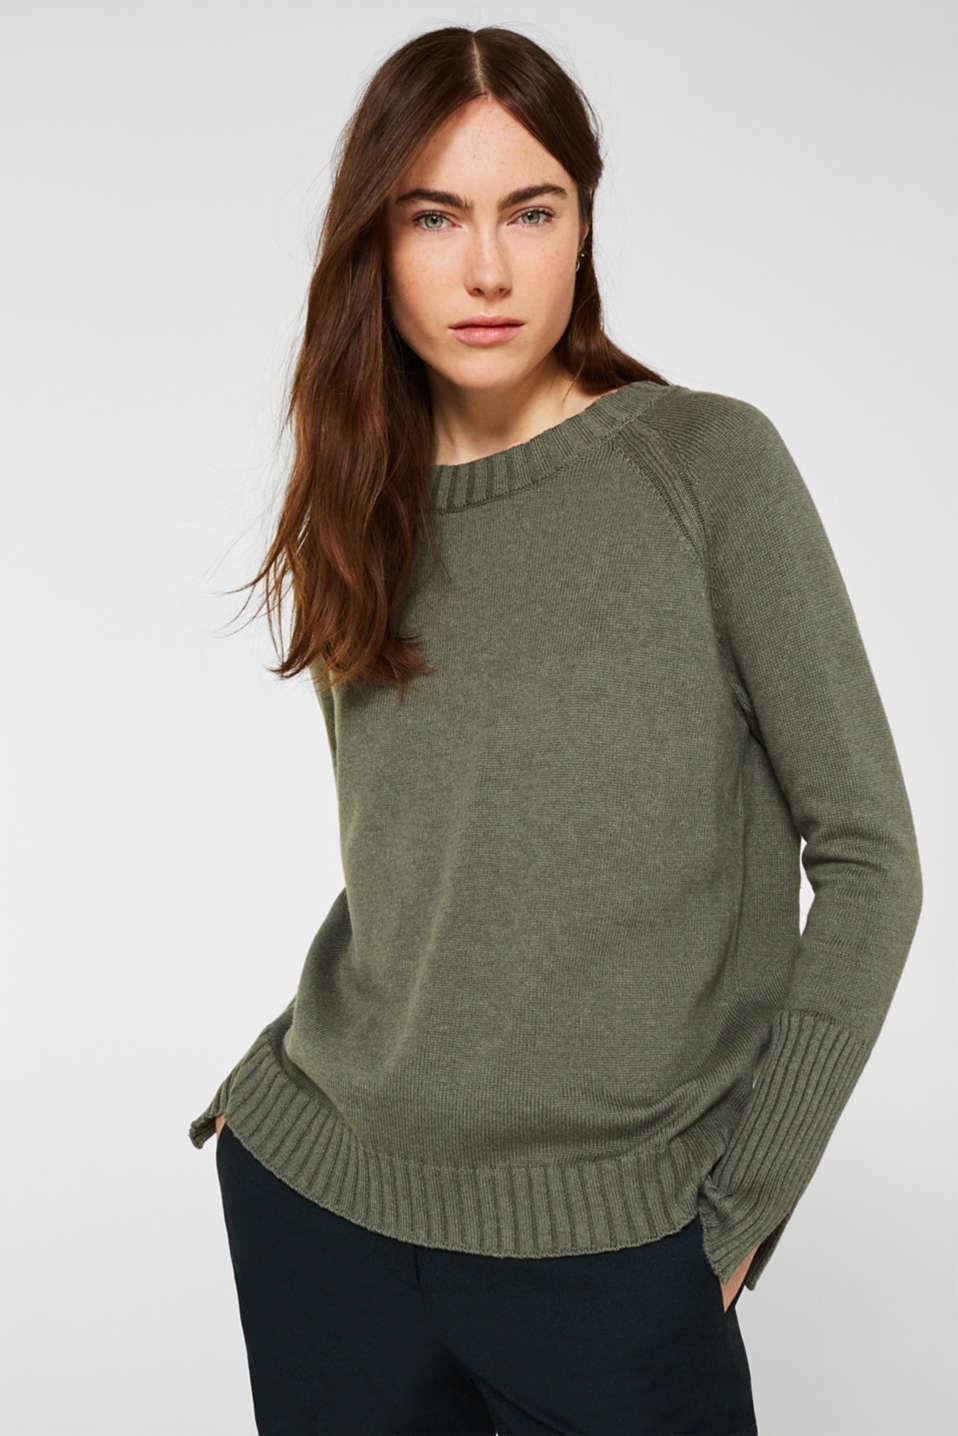 Esprit Pullover mit Ripp Bündchen, 100% Baumwolle im